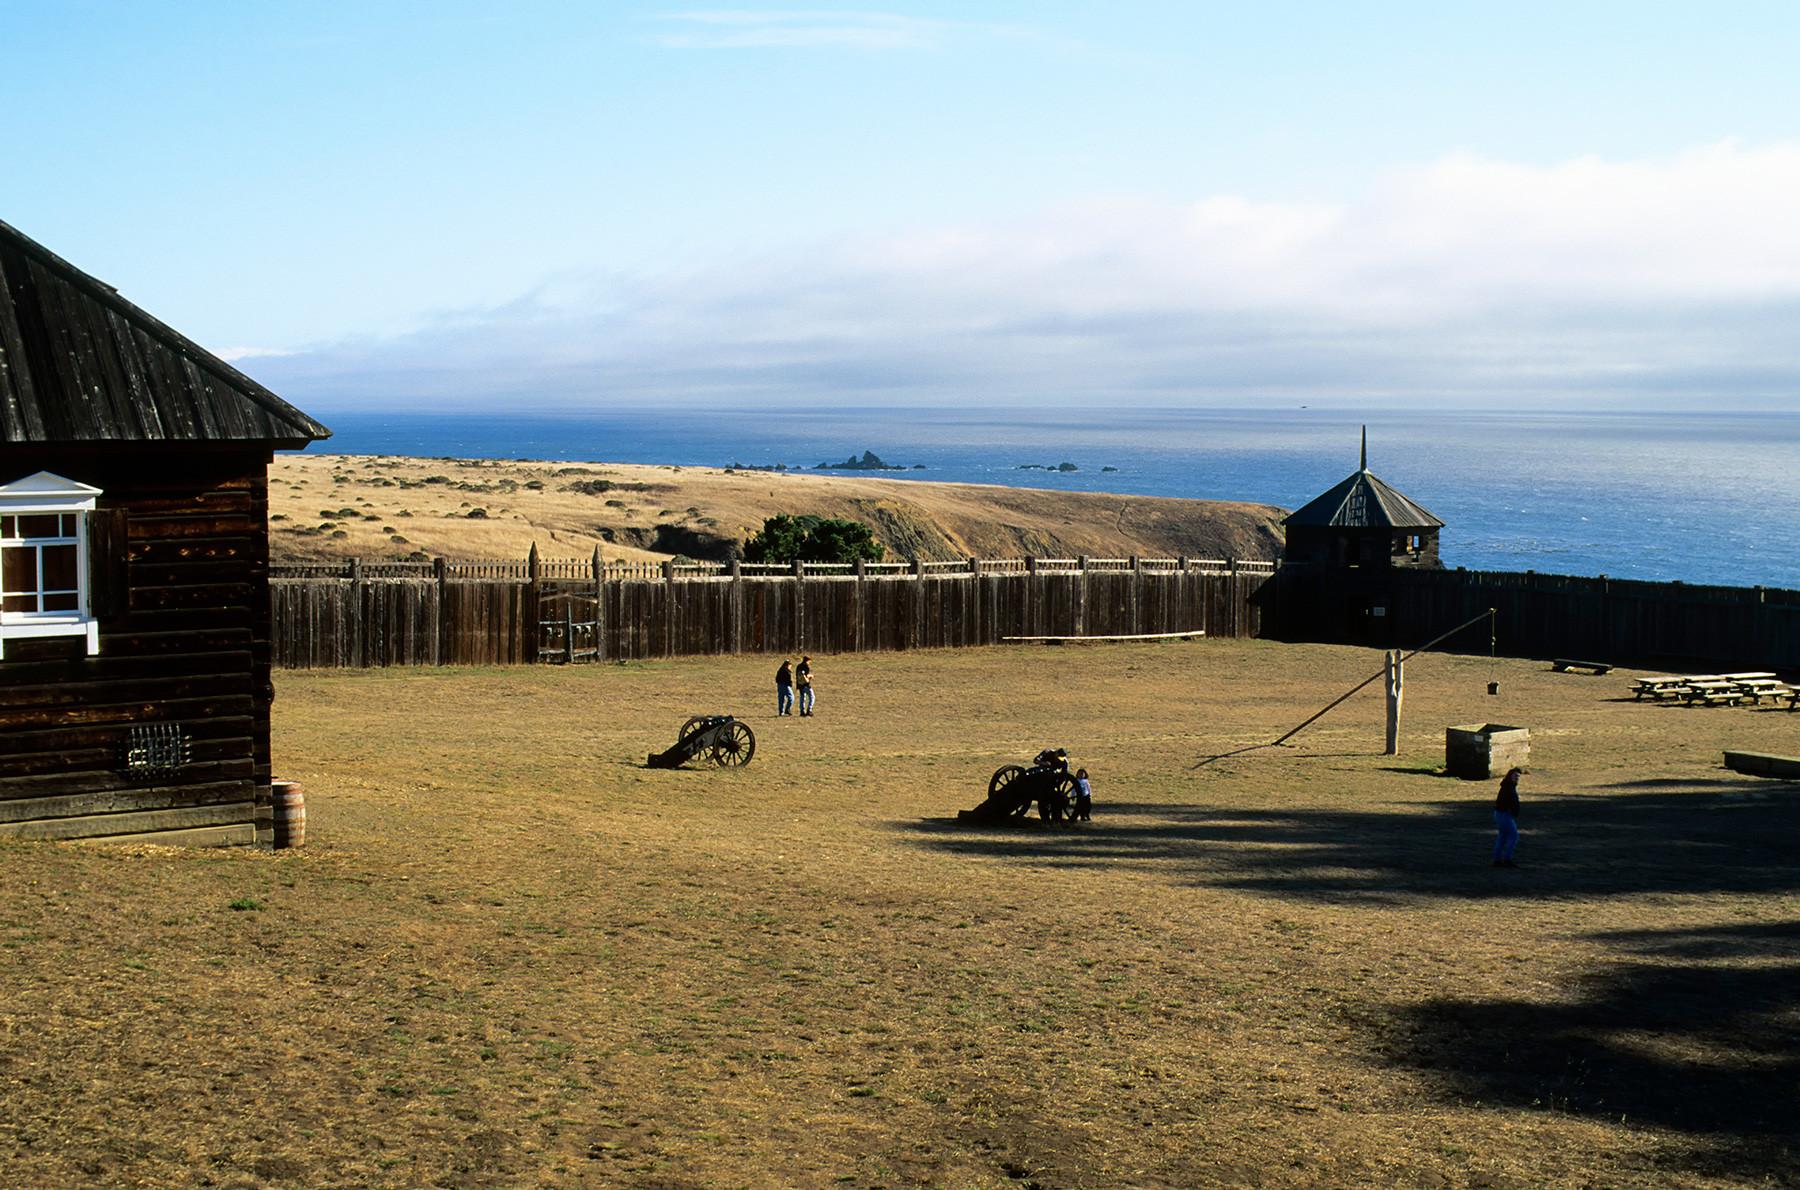 1995/01/01: САЩ, Северна Калифорния, Държавен исторически парк